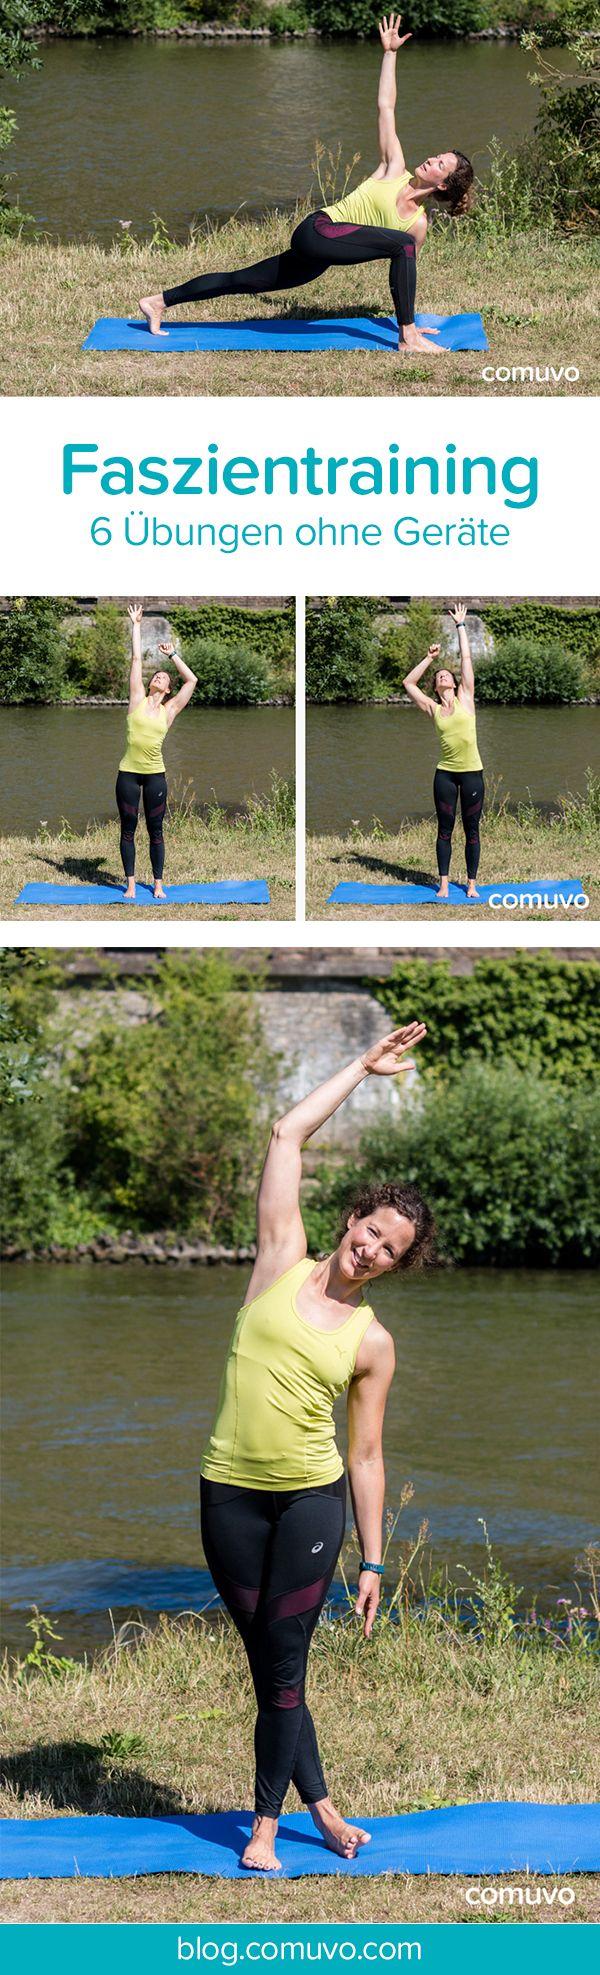 6 einfache Übungen zum Faszientraining ohne Hilfsmittel, mit denen ihr eure Faszien ganz einfach auch zuhause trainieren könnt.